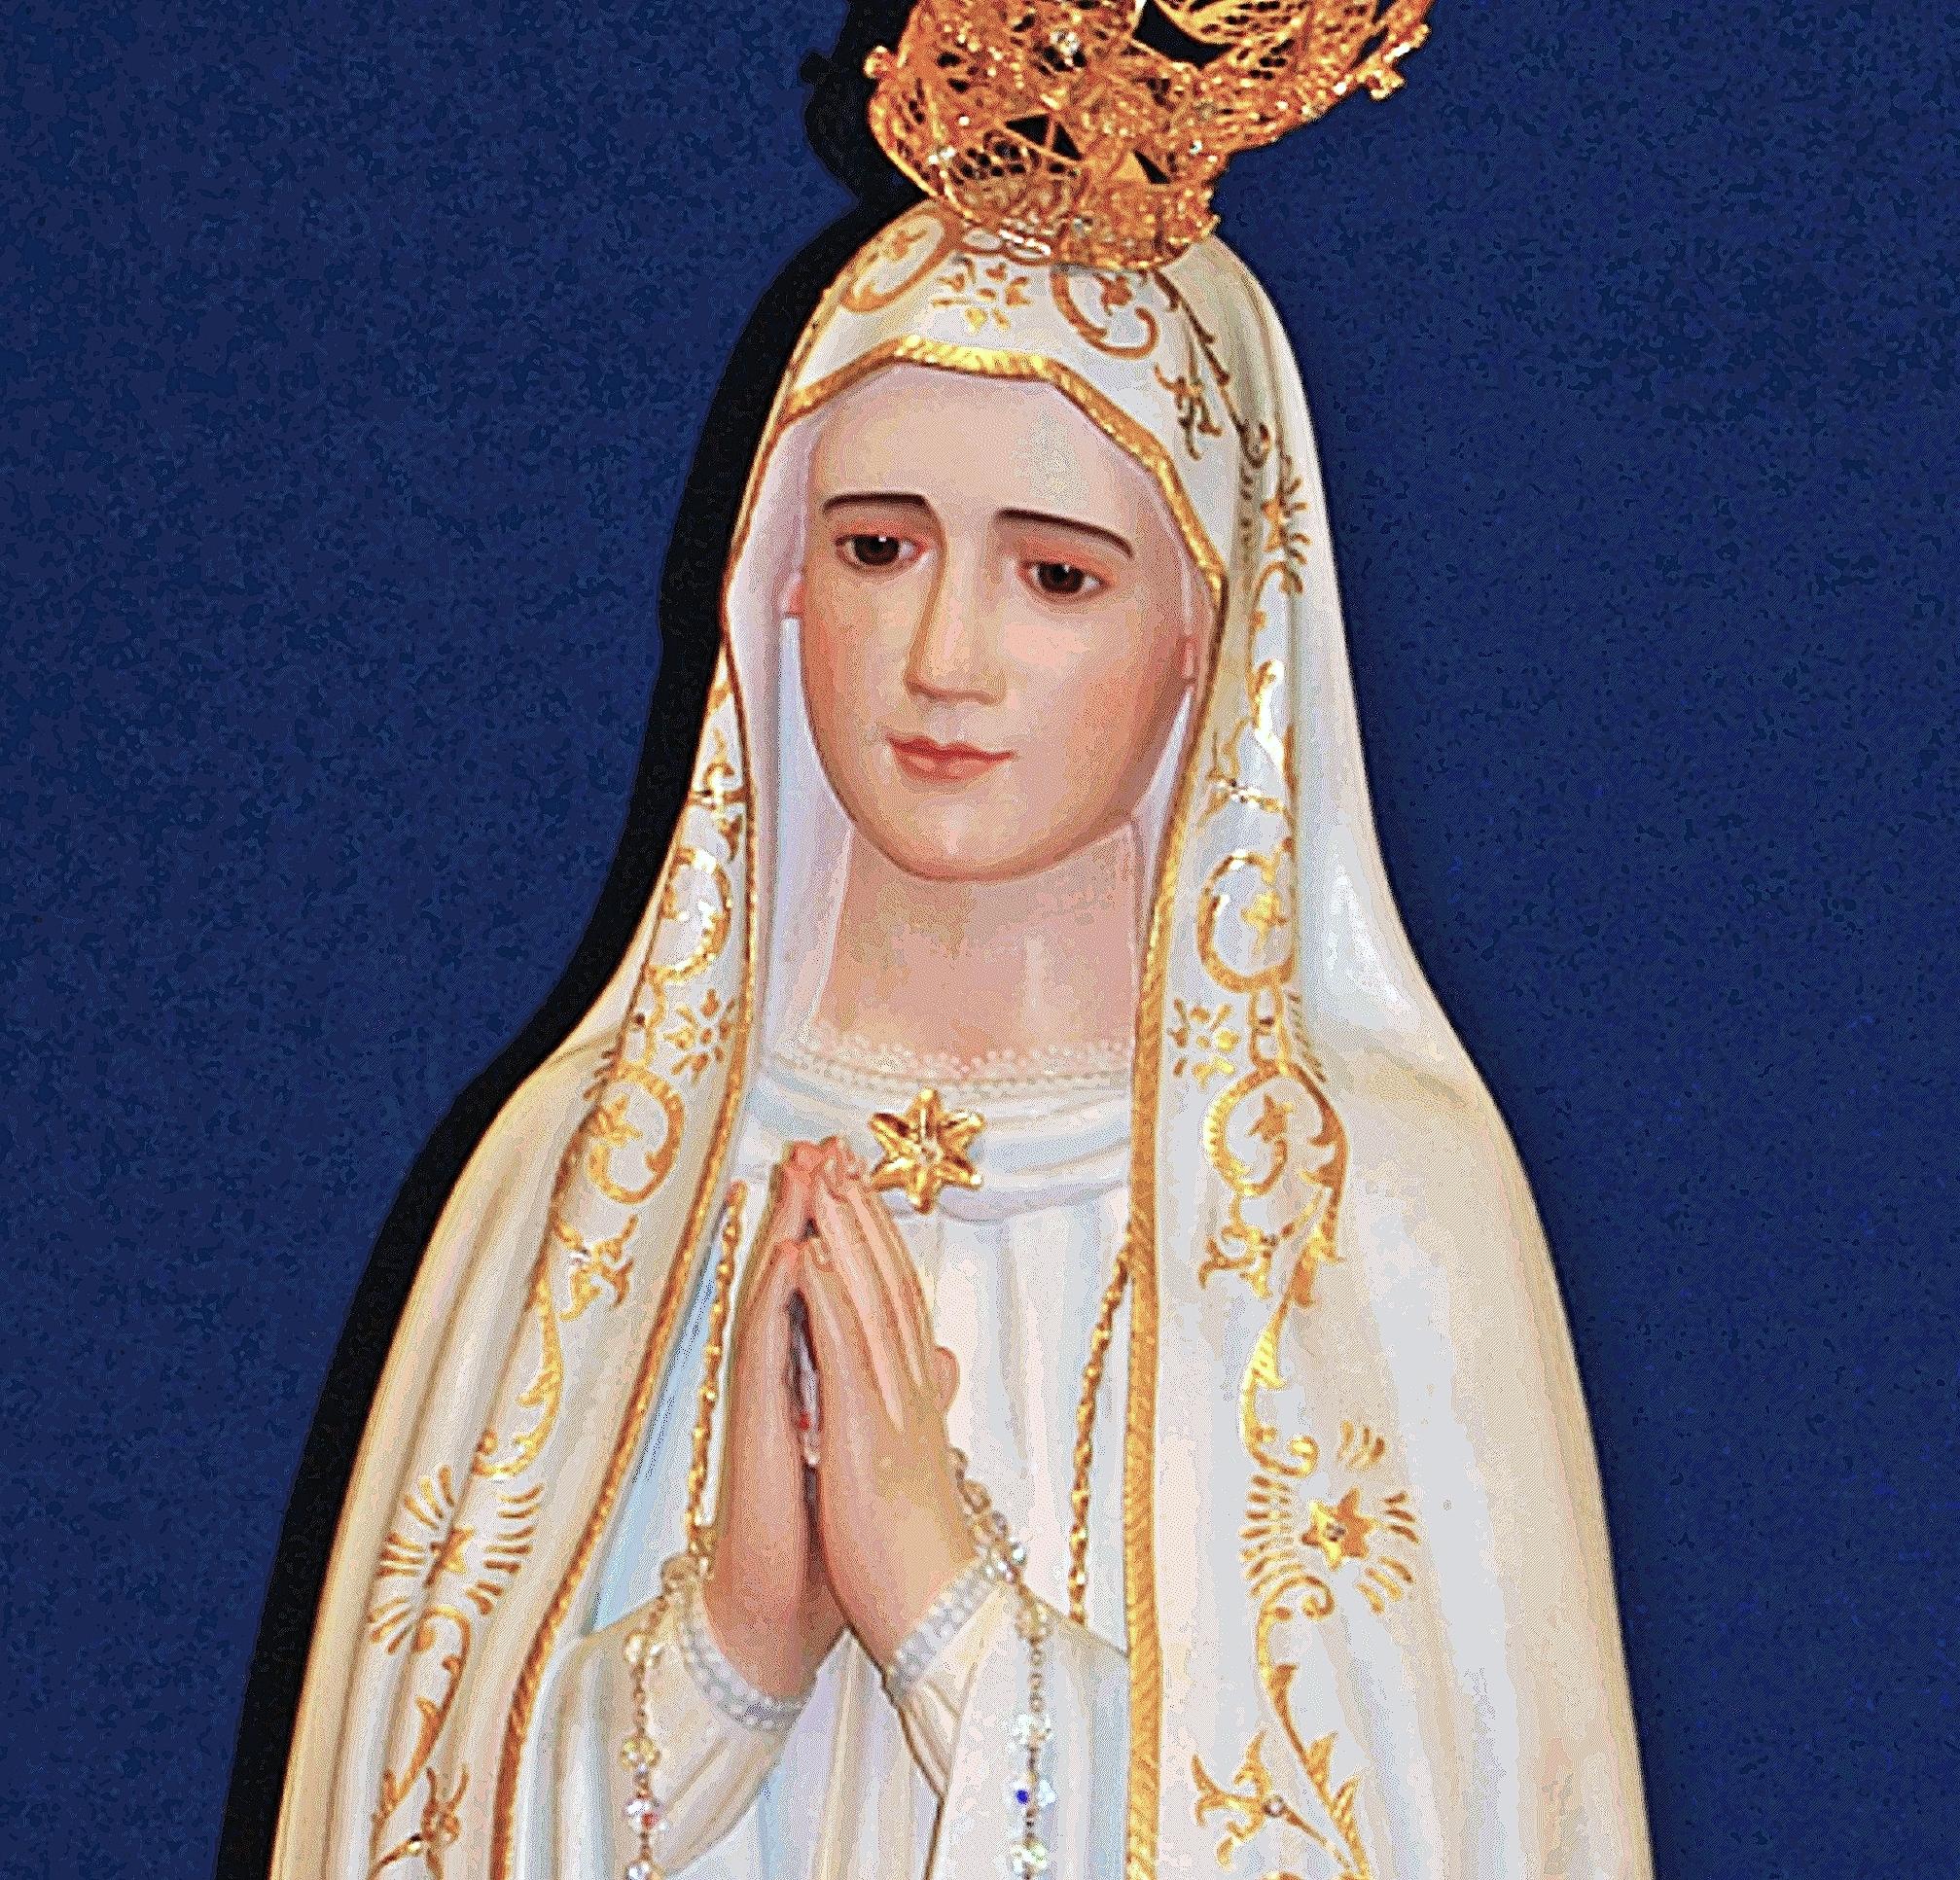 Fatima Our Lady of Fatima